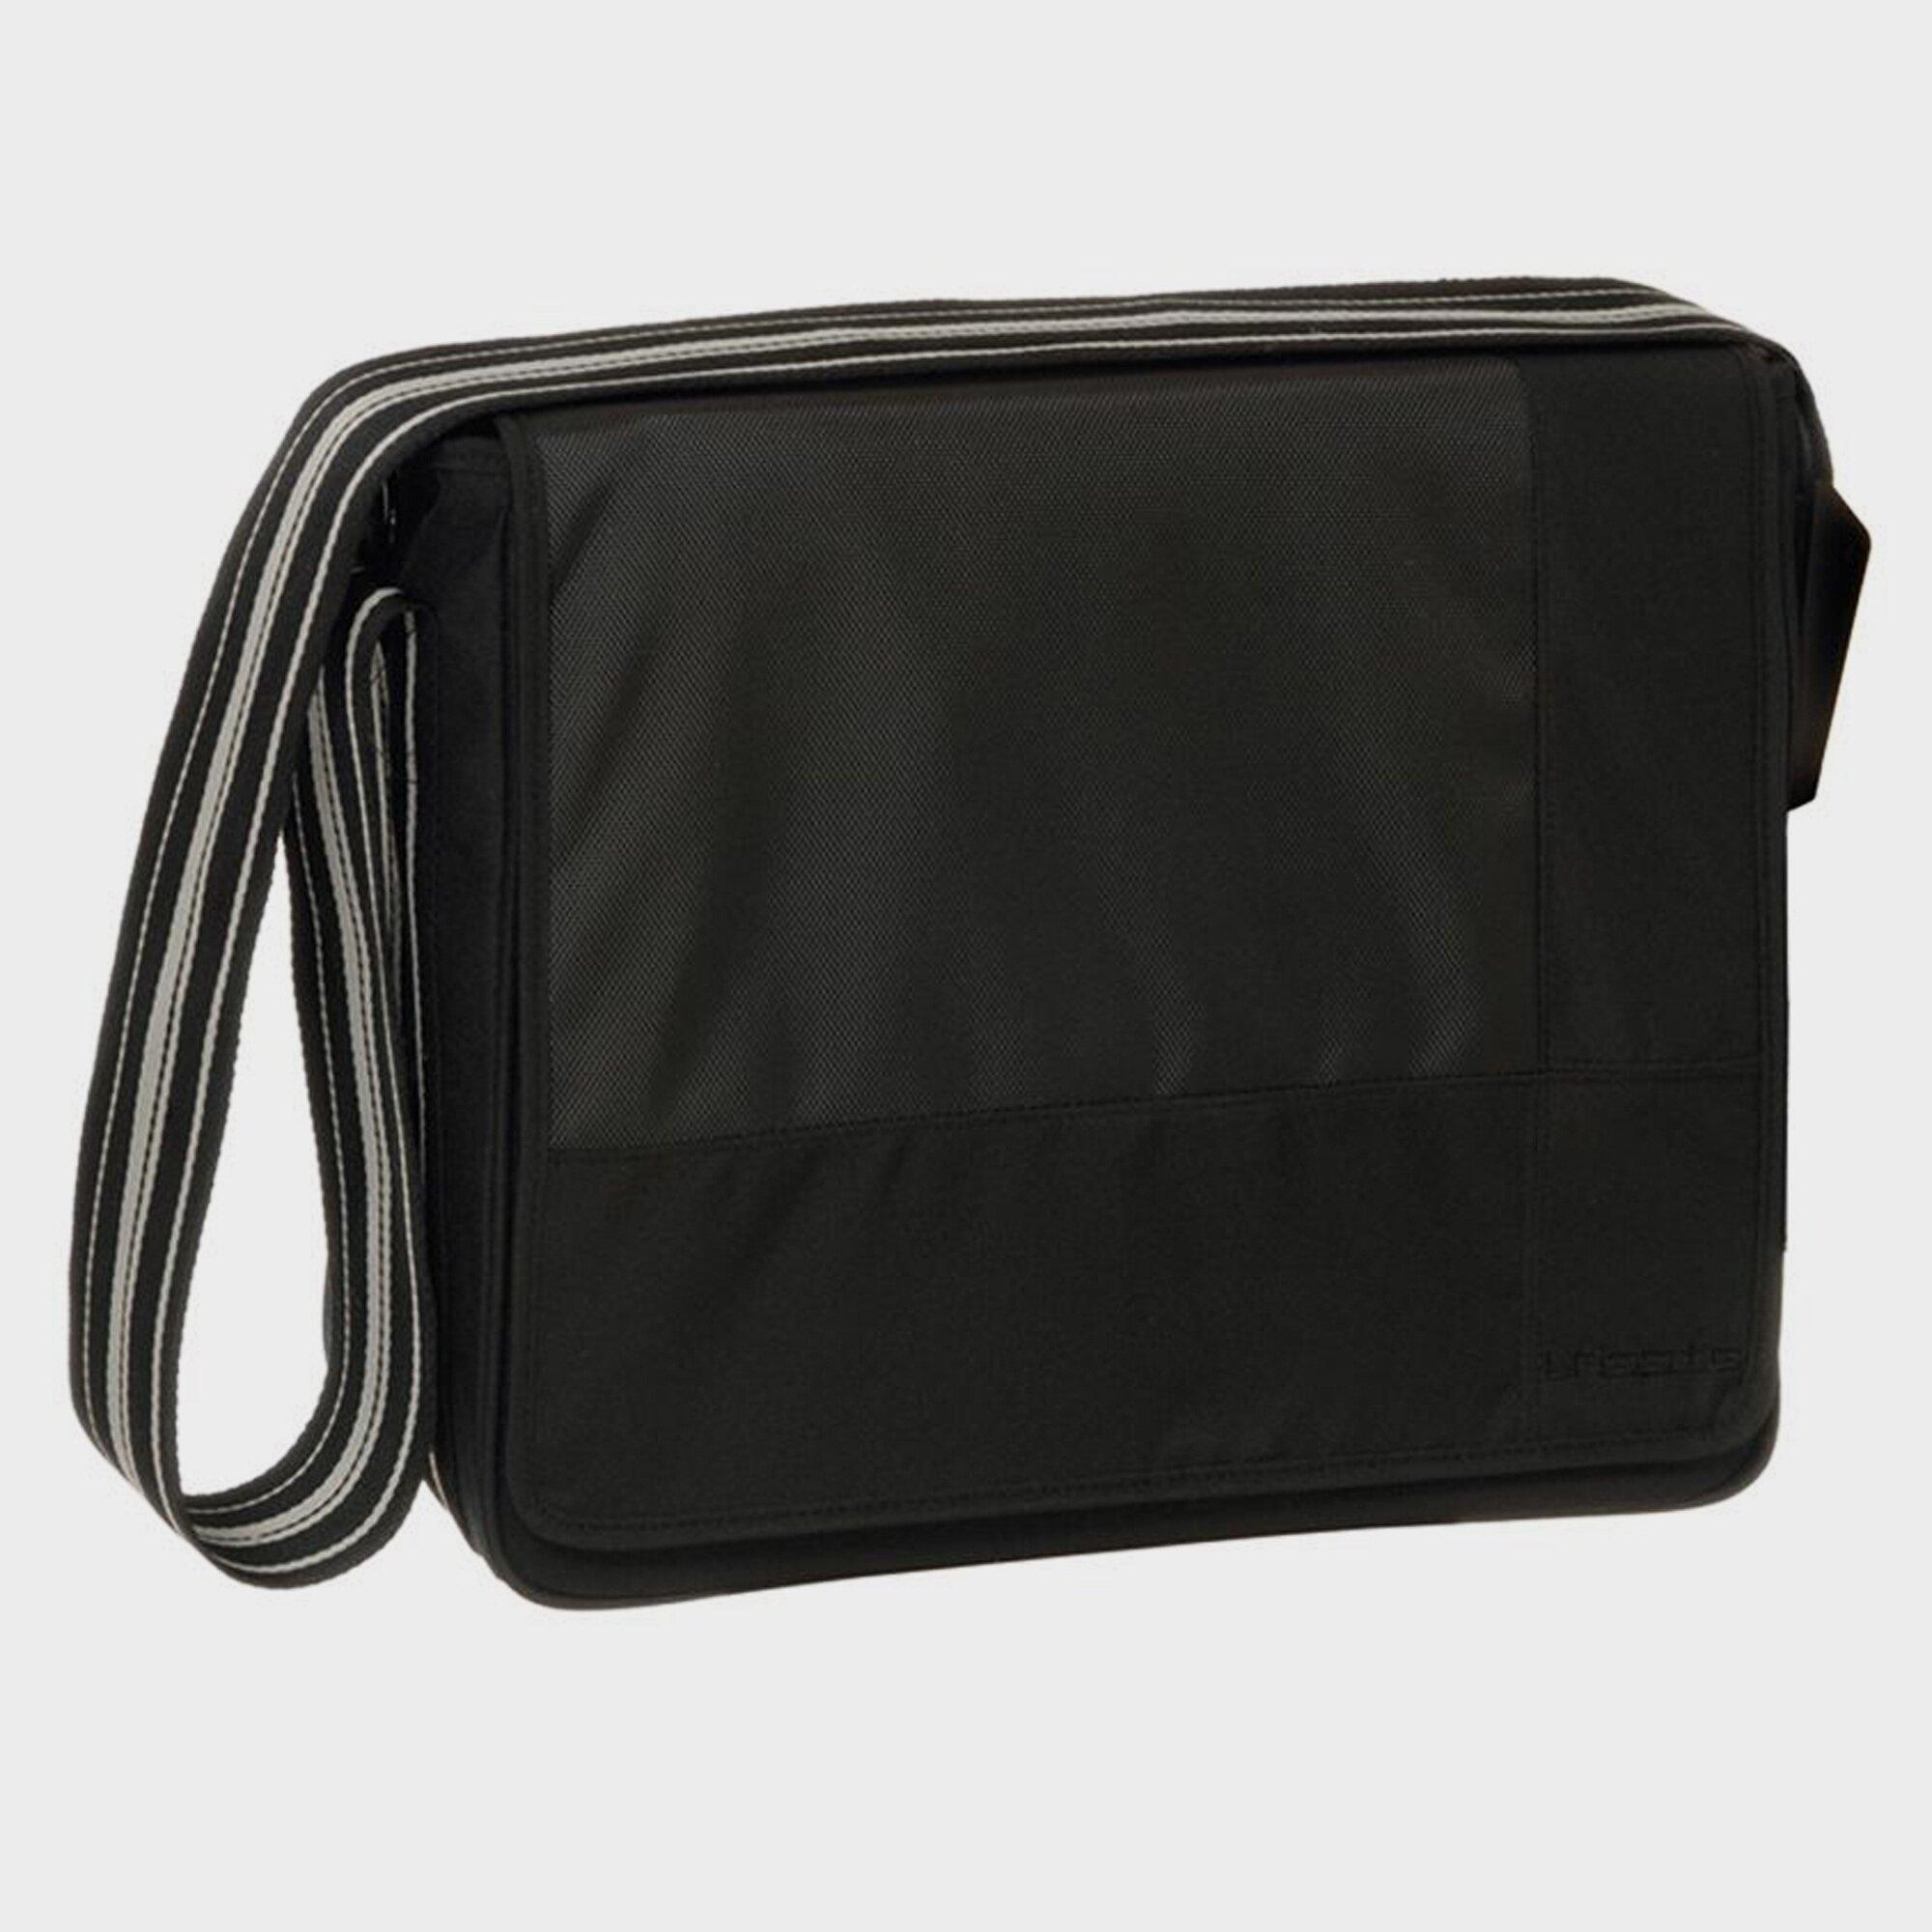 Casual Wickeltasche Messenger Bag schwarz